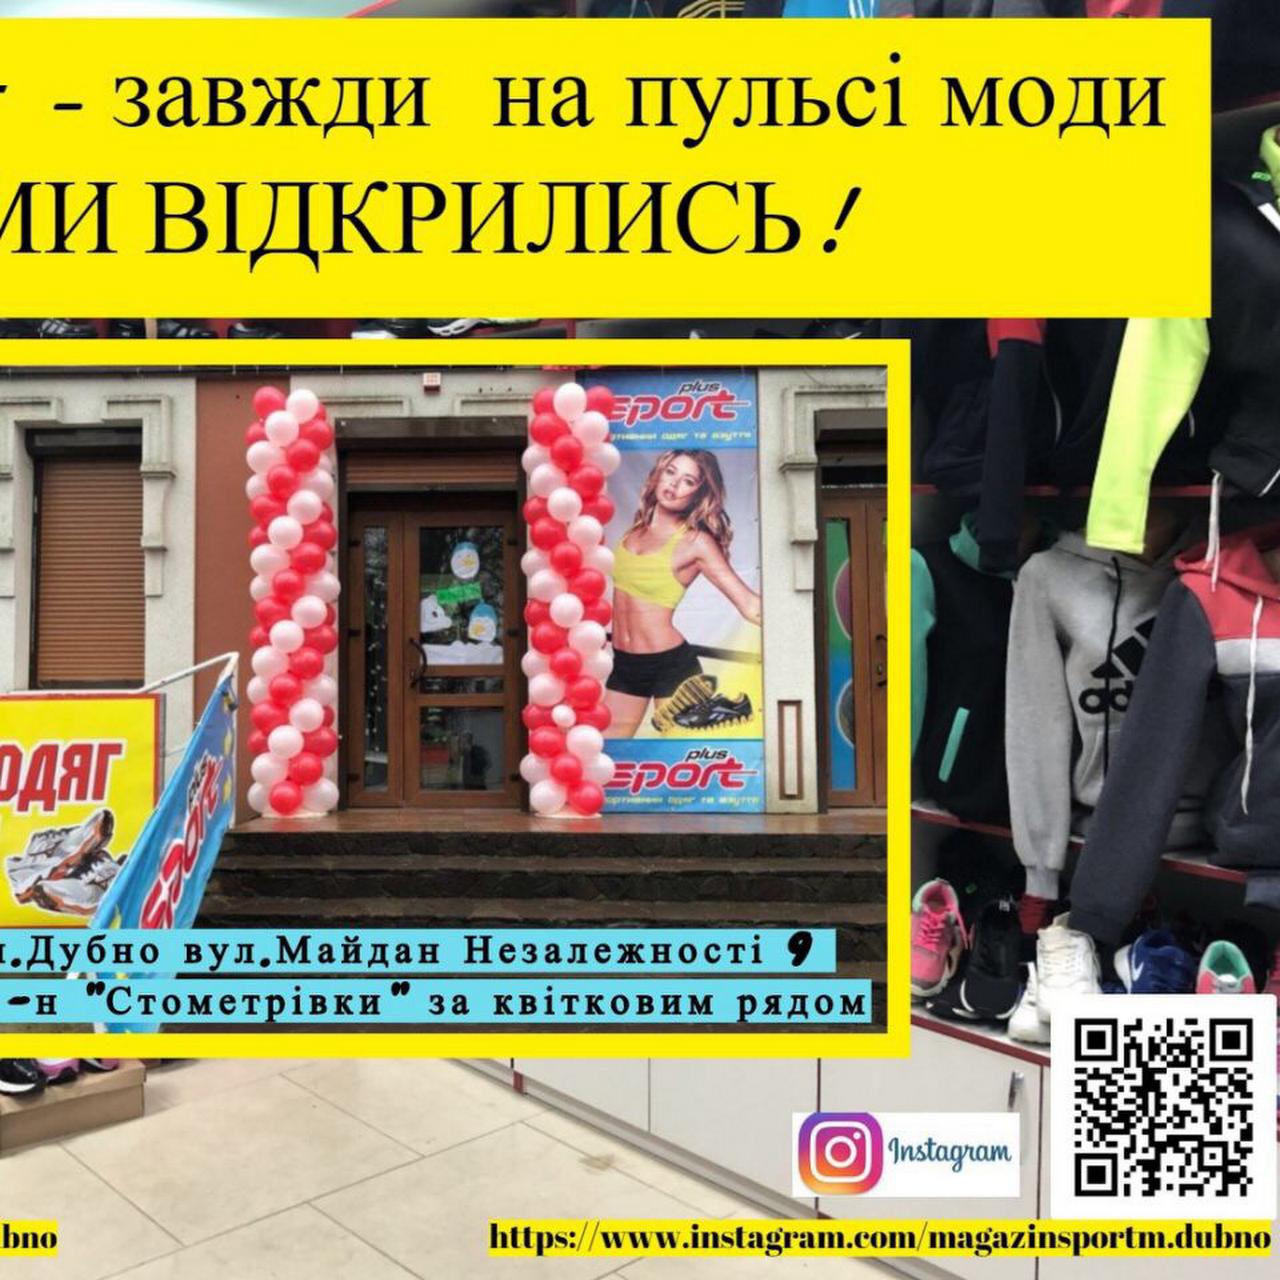 Магазин спортивного одягу та взуття SPORTPLUS - Магазин спортивного ... 2210ce1591027